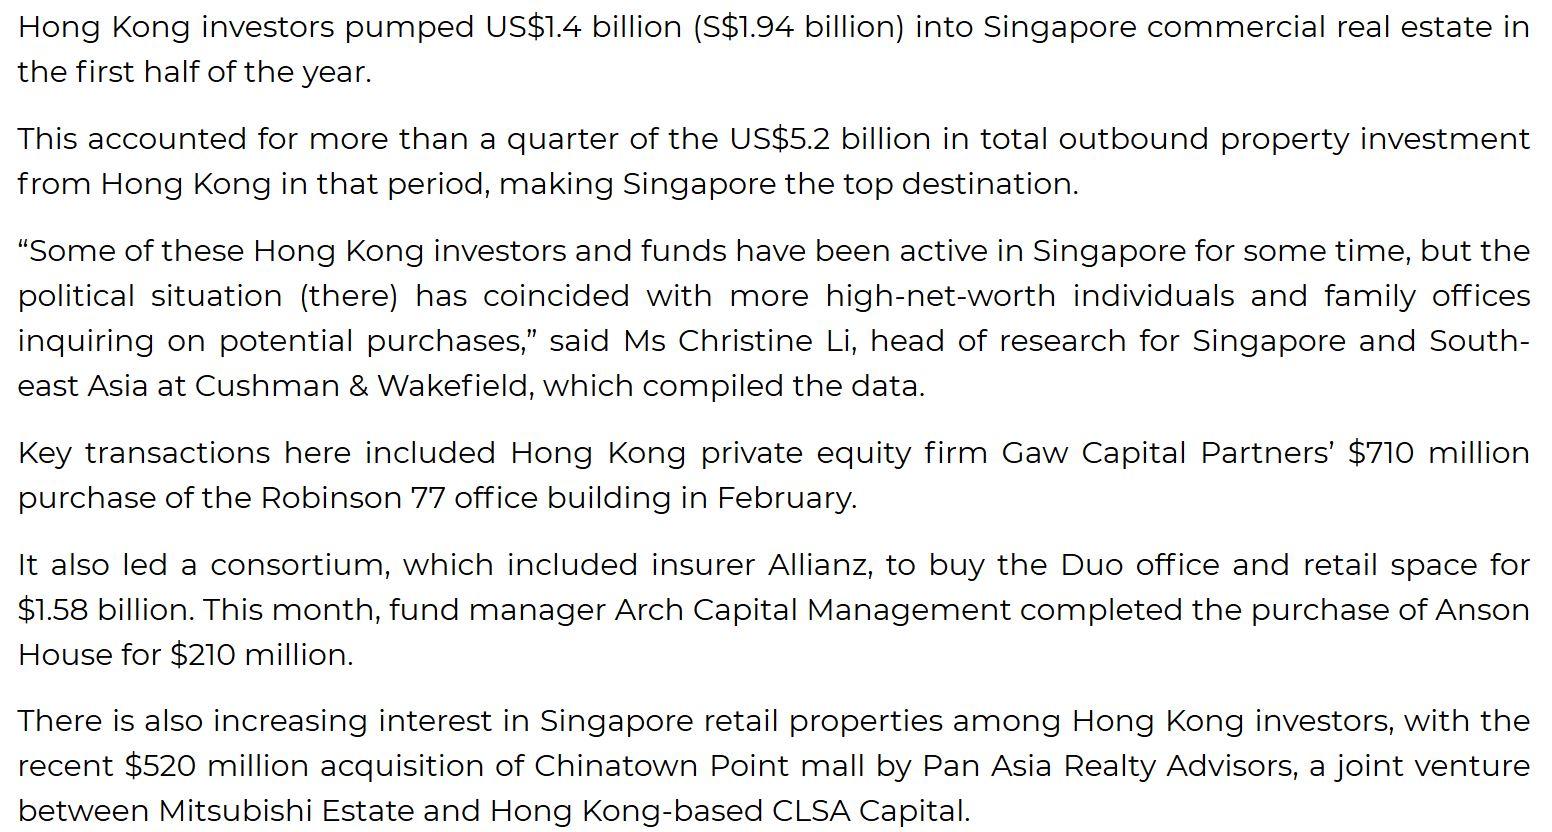 pullman-residences-condo-singapore-news-168004-1